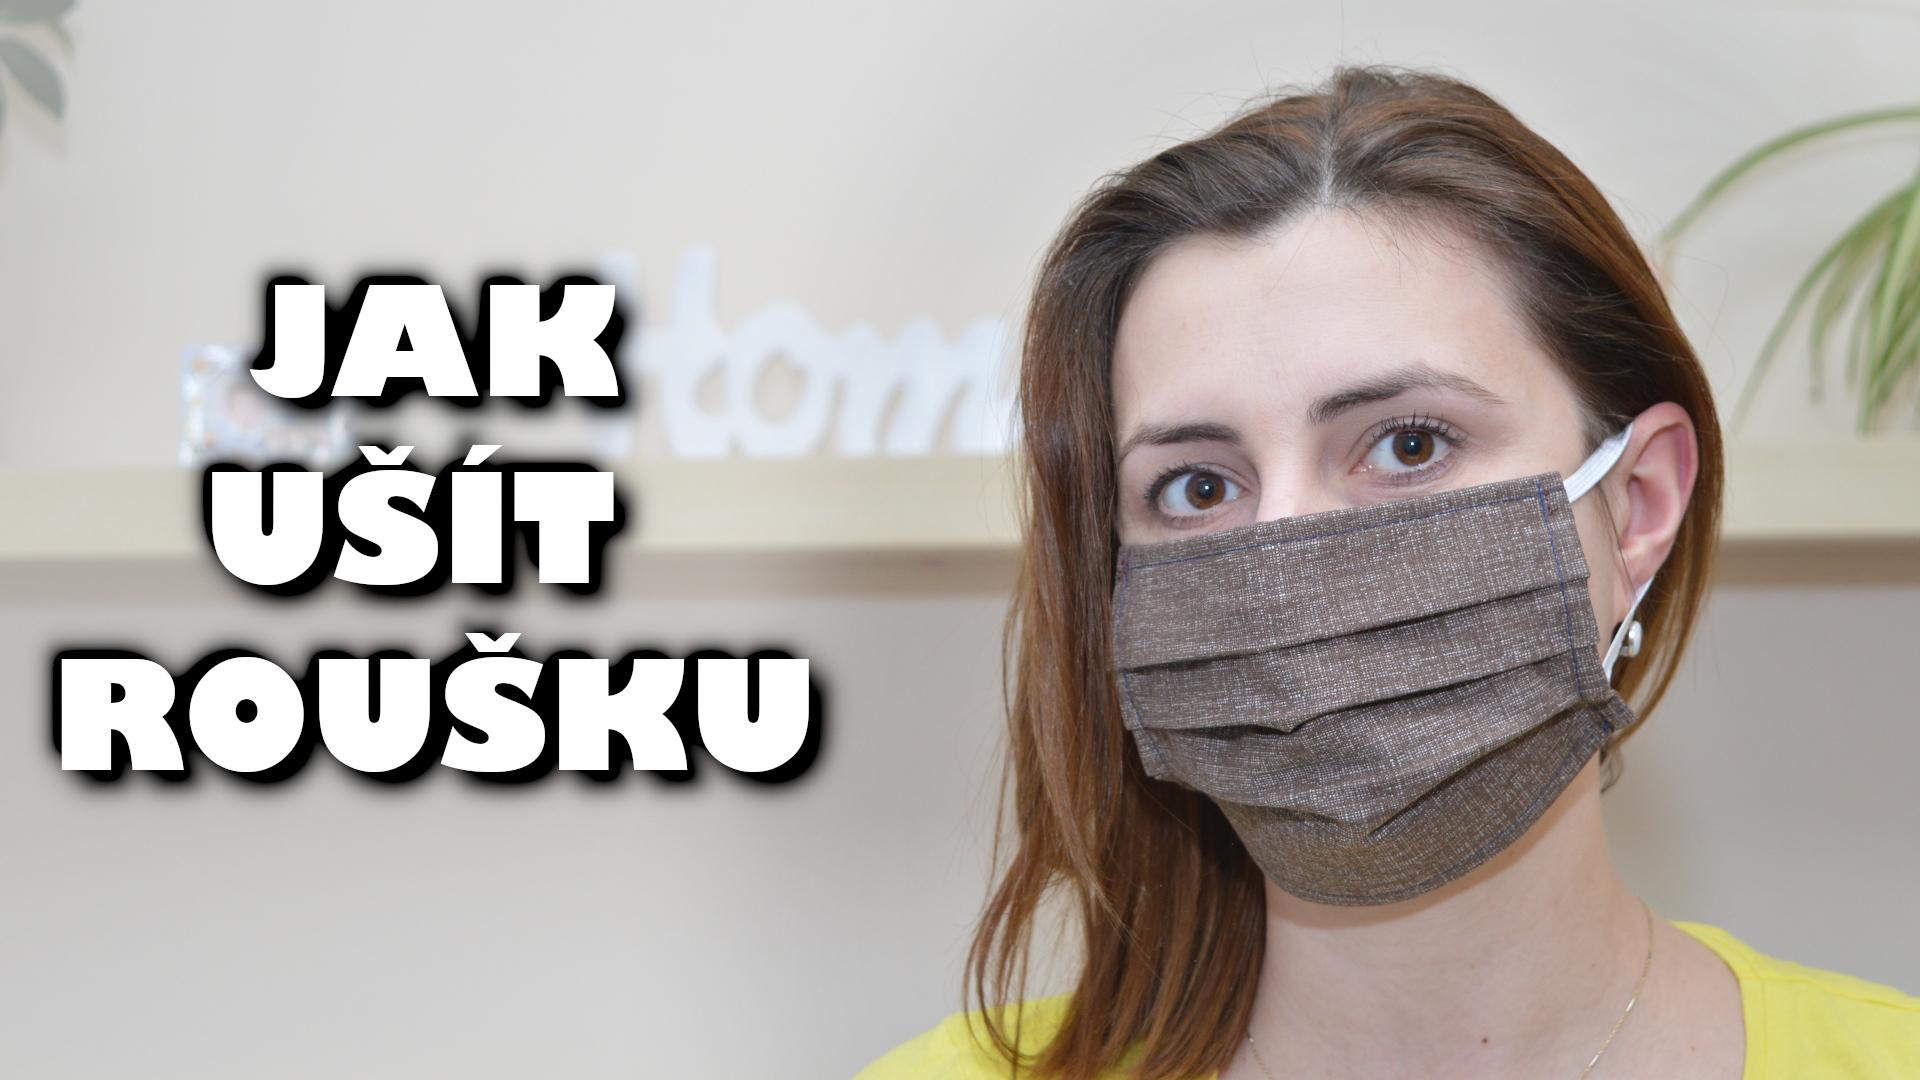 Jak ušít Roušku - DIY obličejová skládací rouška